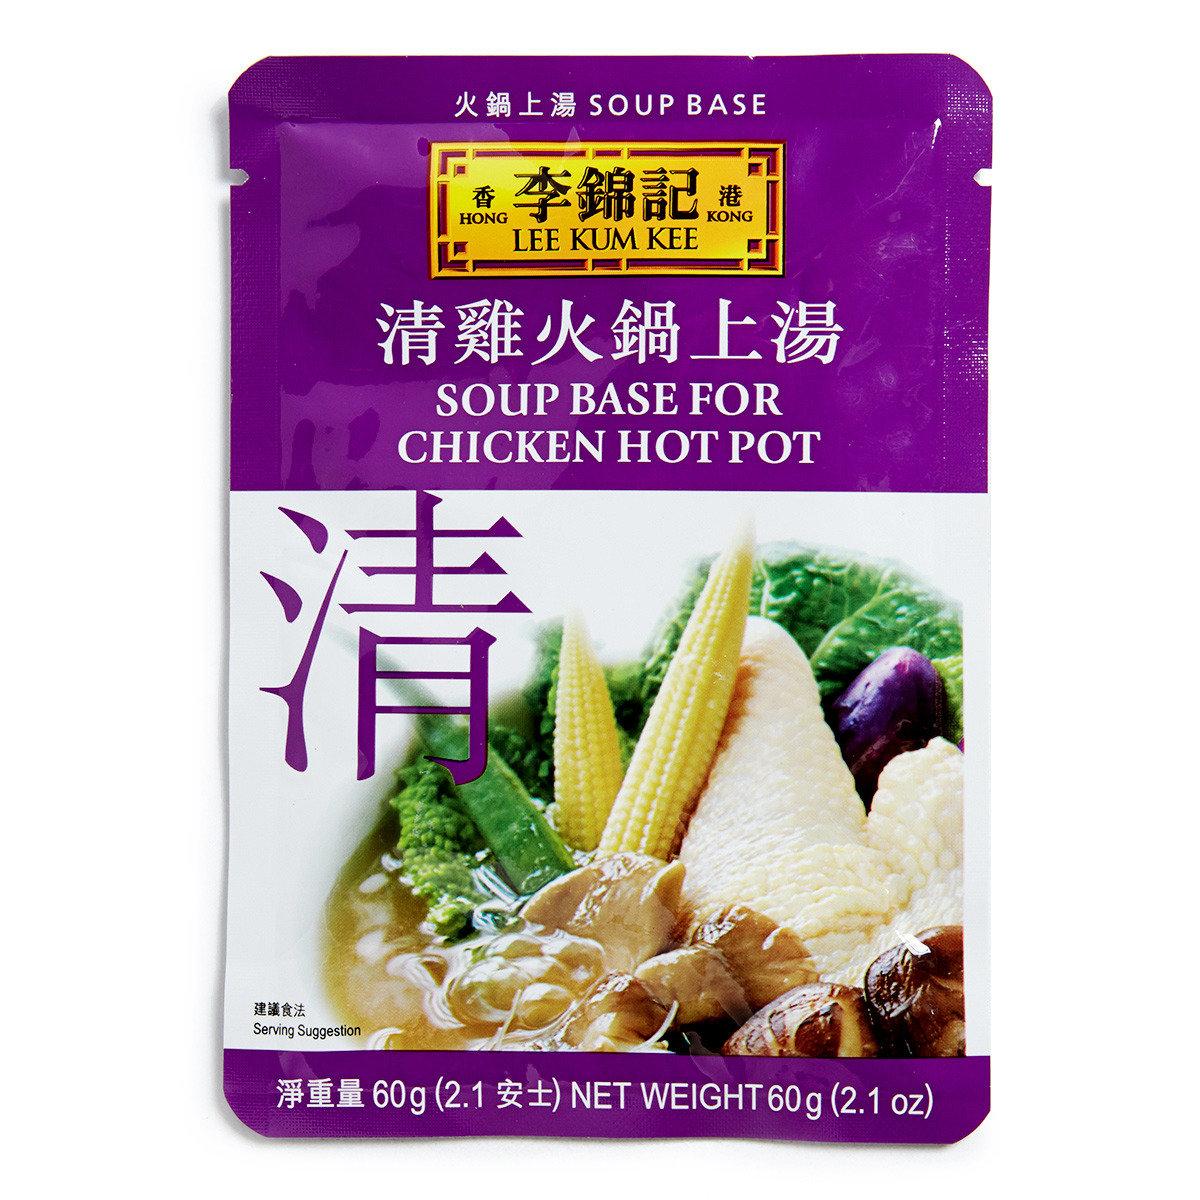 清雞火鍋上湯